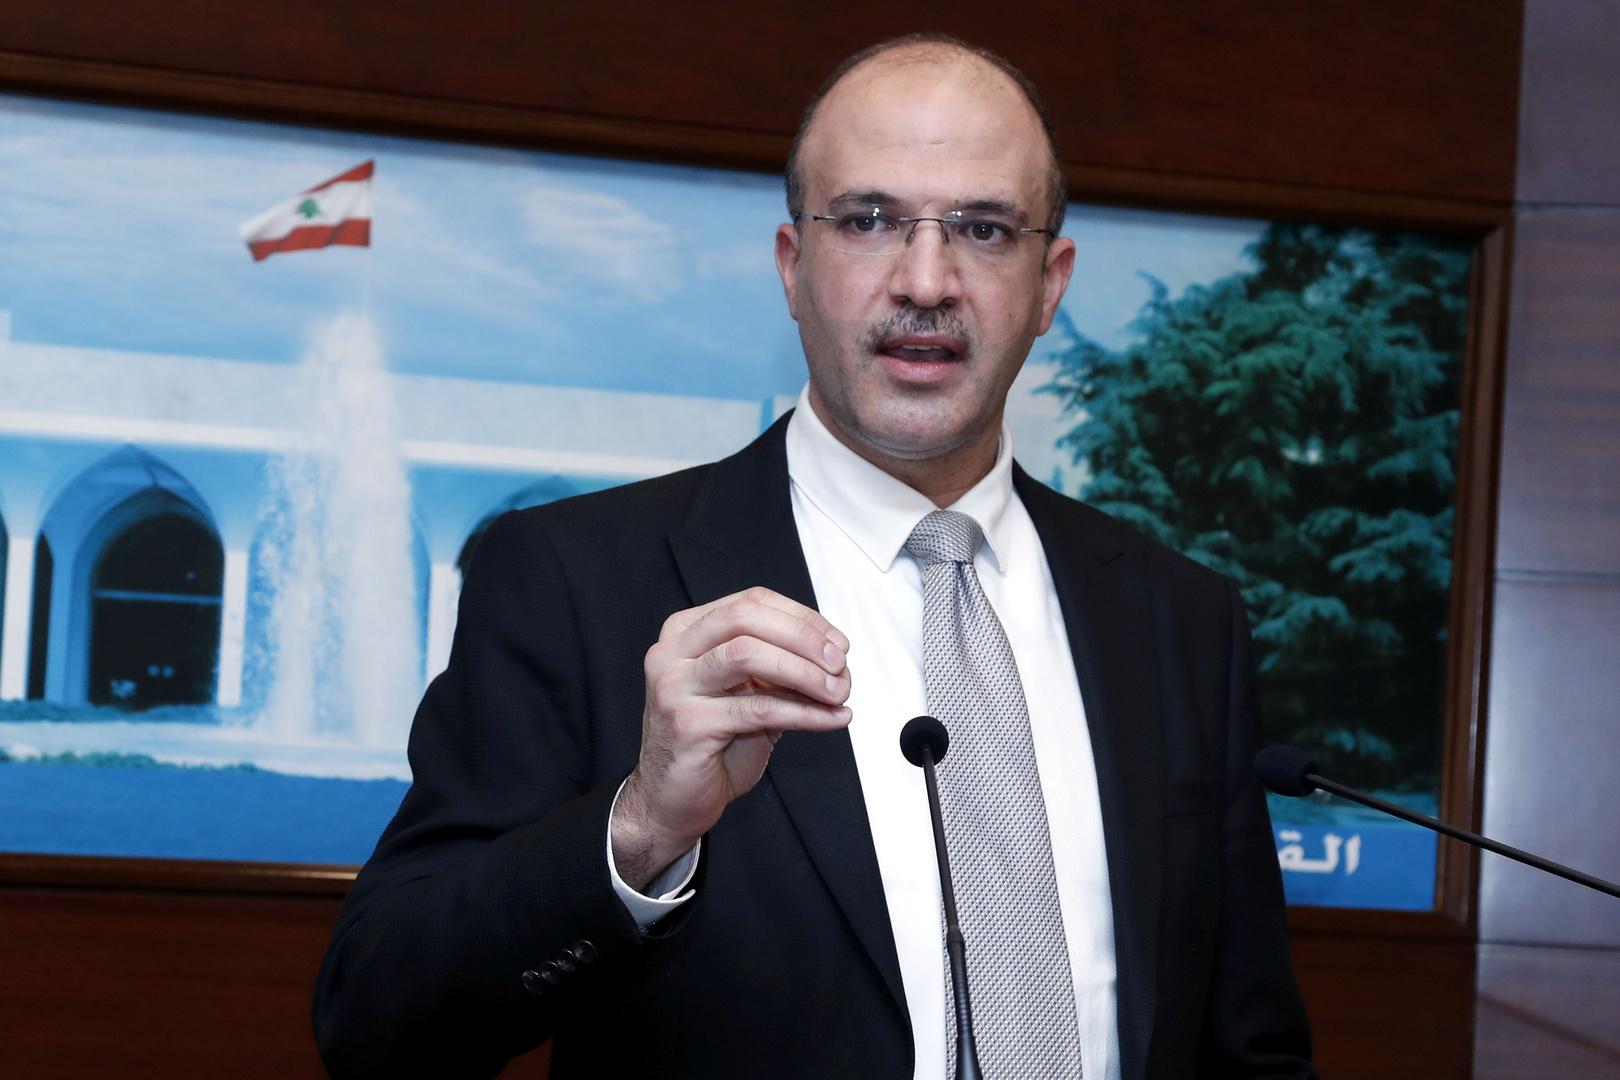 بعد تخطي الدور في التطعيم.. وزير الصحة اللبناني يغضب مواطنيه